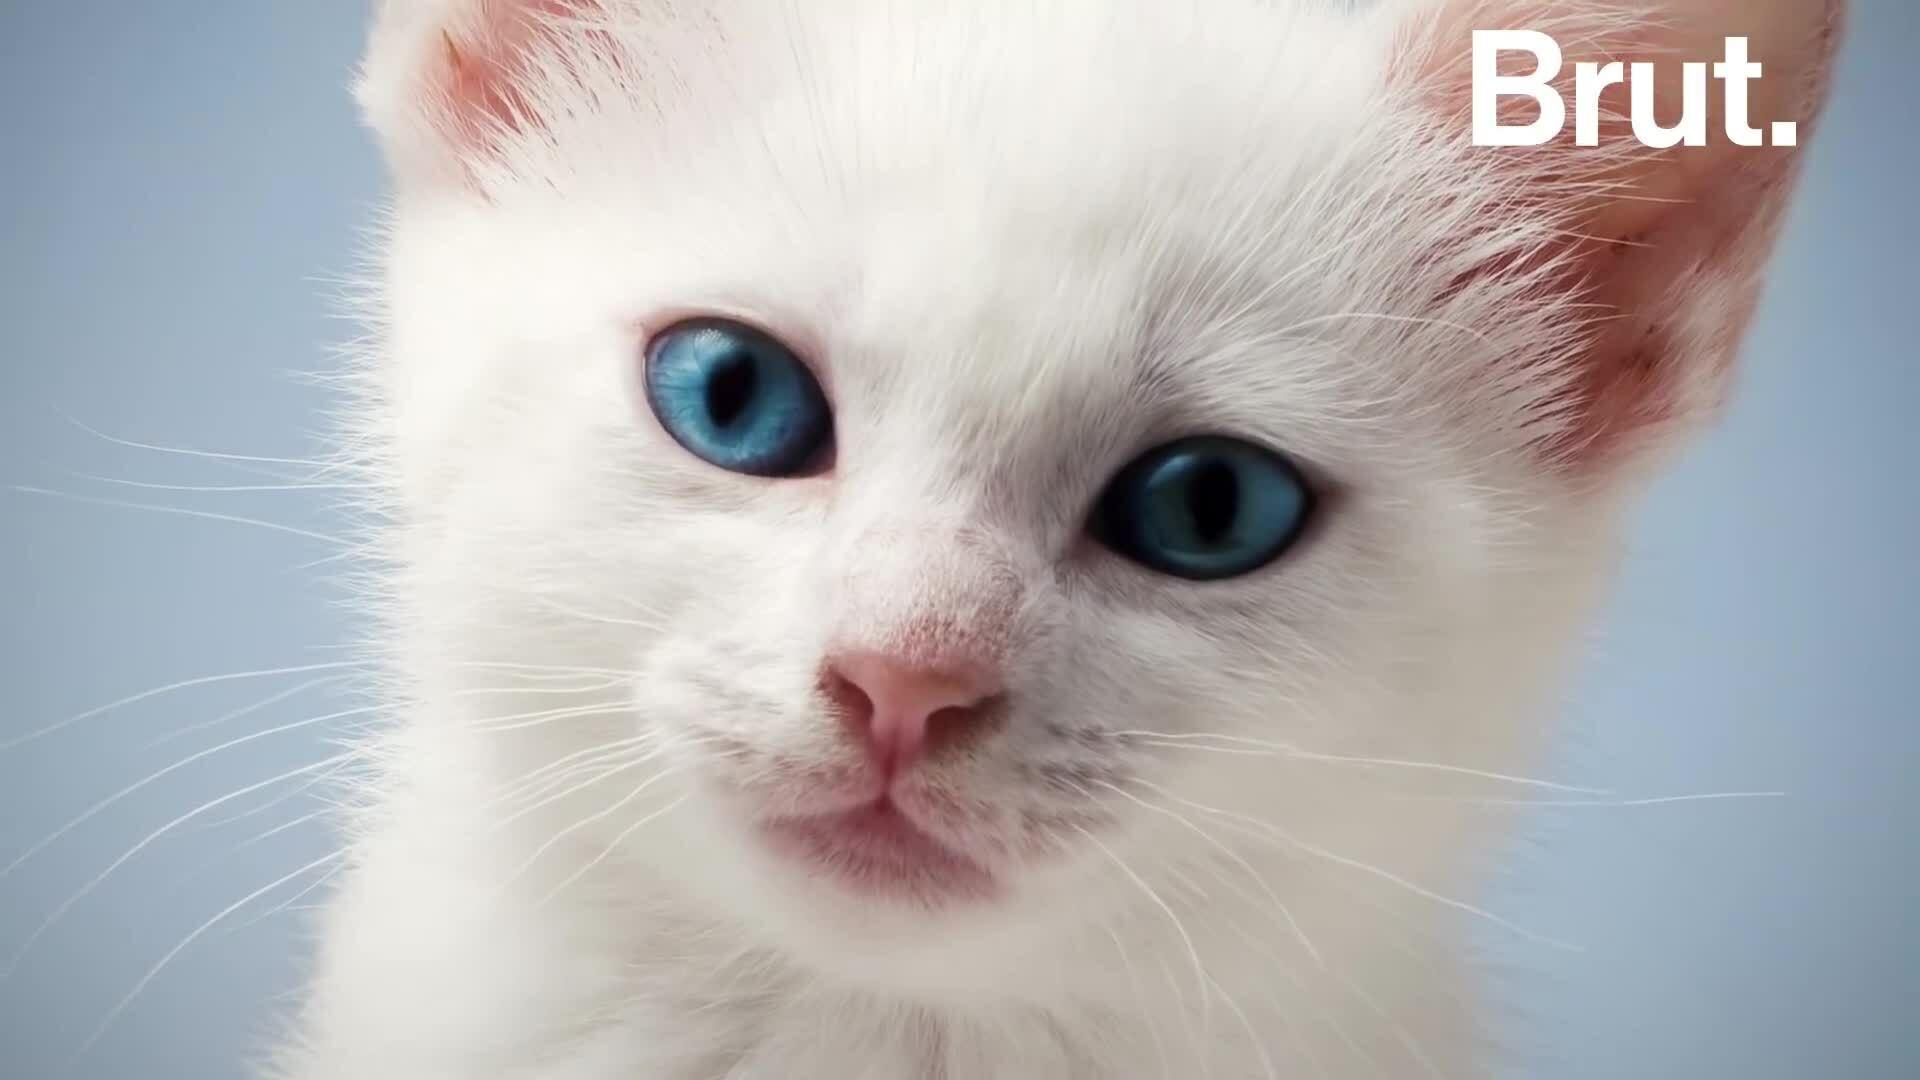 Mèo lông trắng, mắt xanh có nguy cơ cao bị điếc